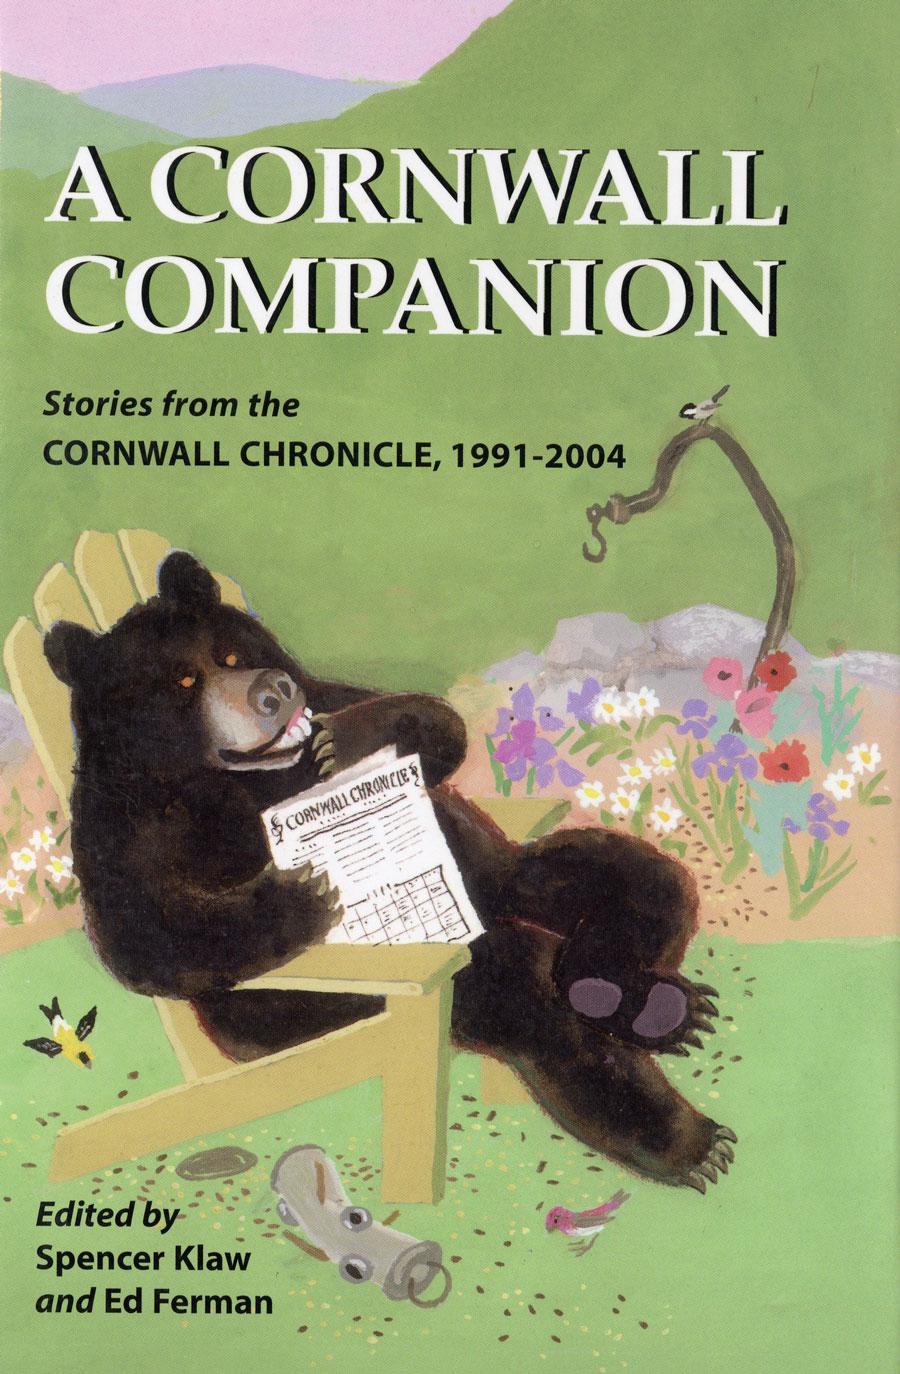 A Cornwall Companion